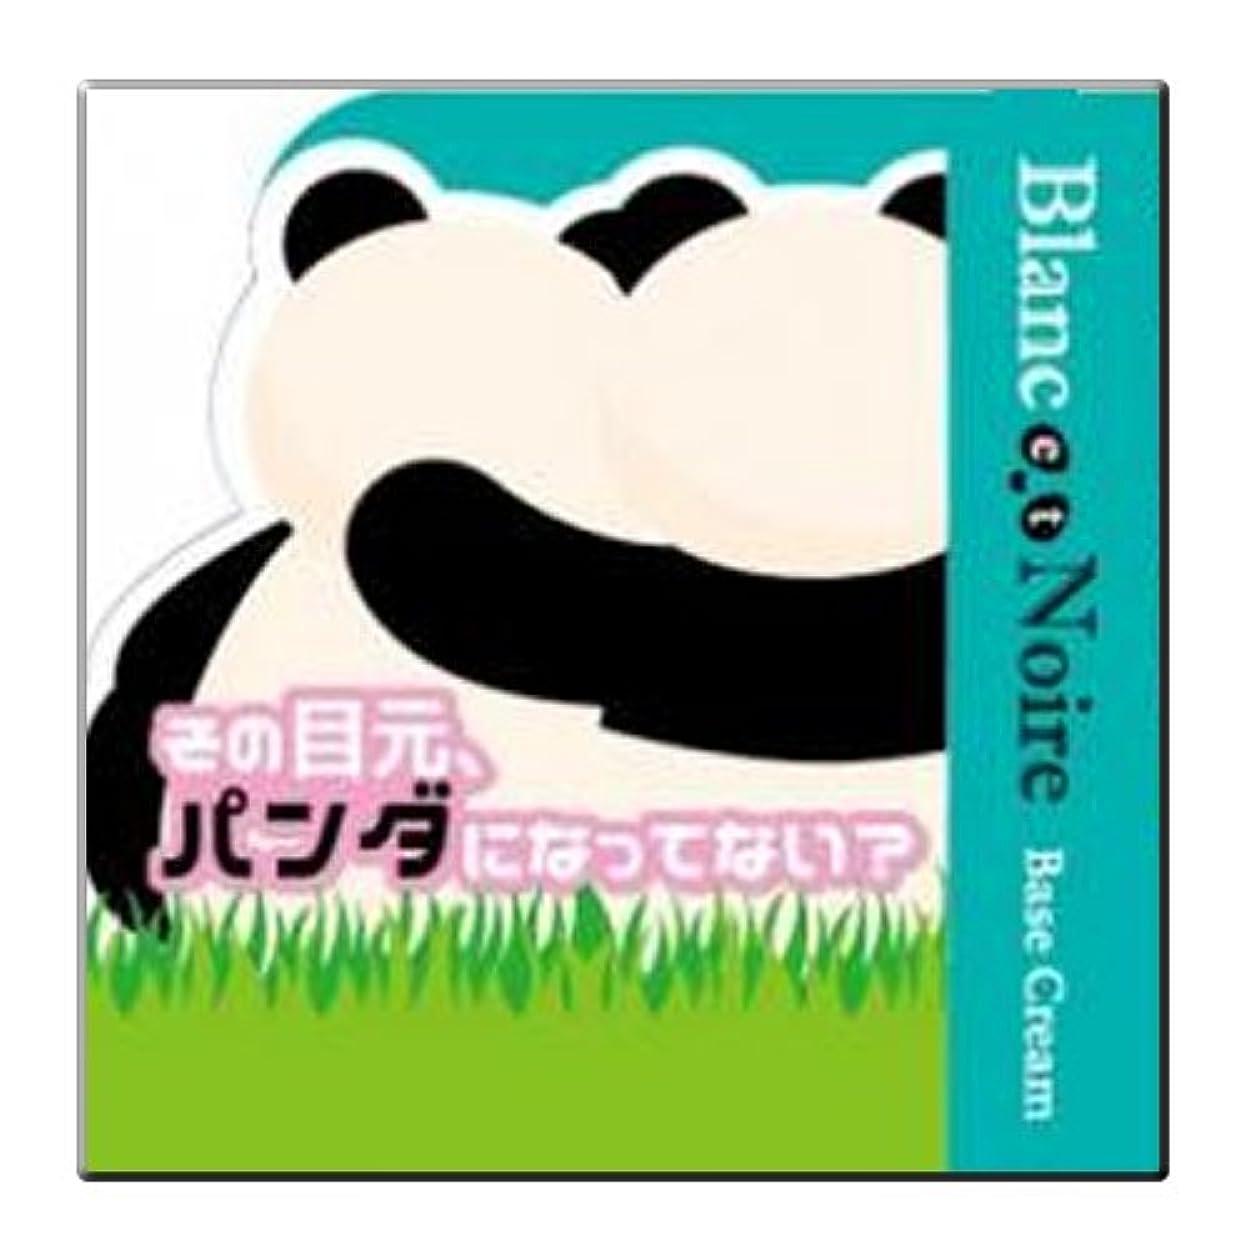 現金キャンセルさわやかBlanc et Noire(ブラン エ ノアール) Base Cream(ベースクリーム) 薬用美白クリームファンデーション 医薬部外品 15g